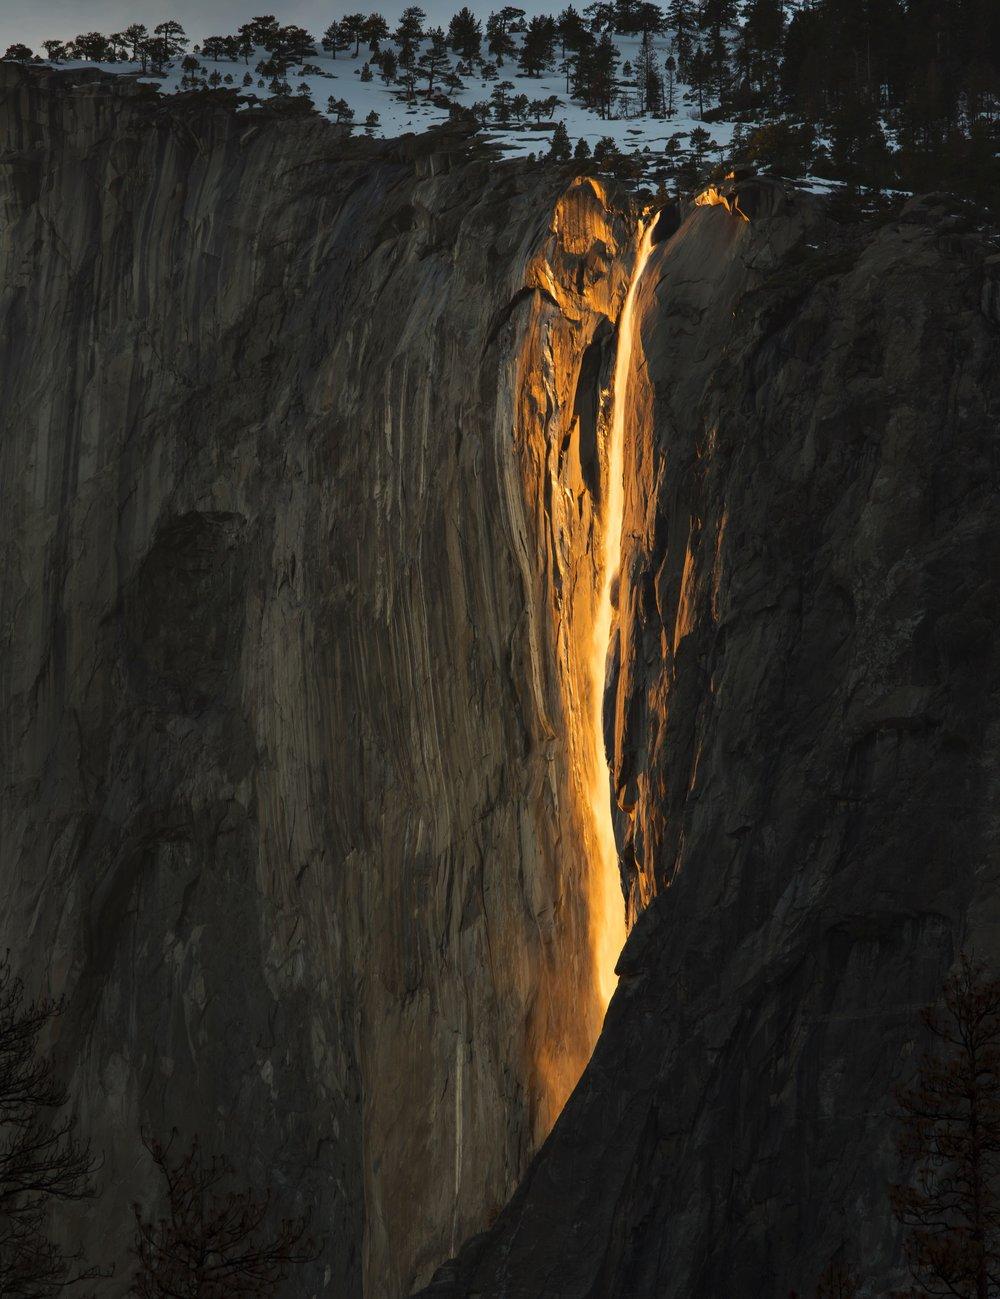 Firefall Yosemite, Yosemite national park